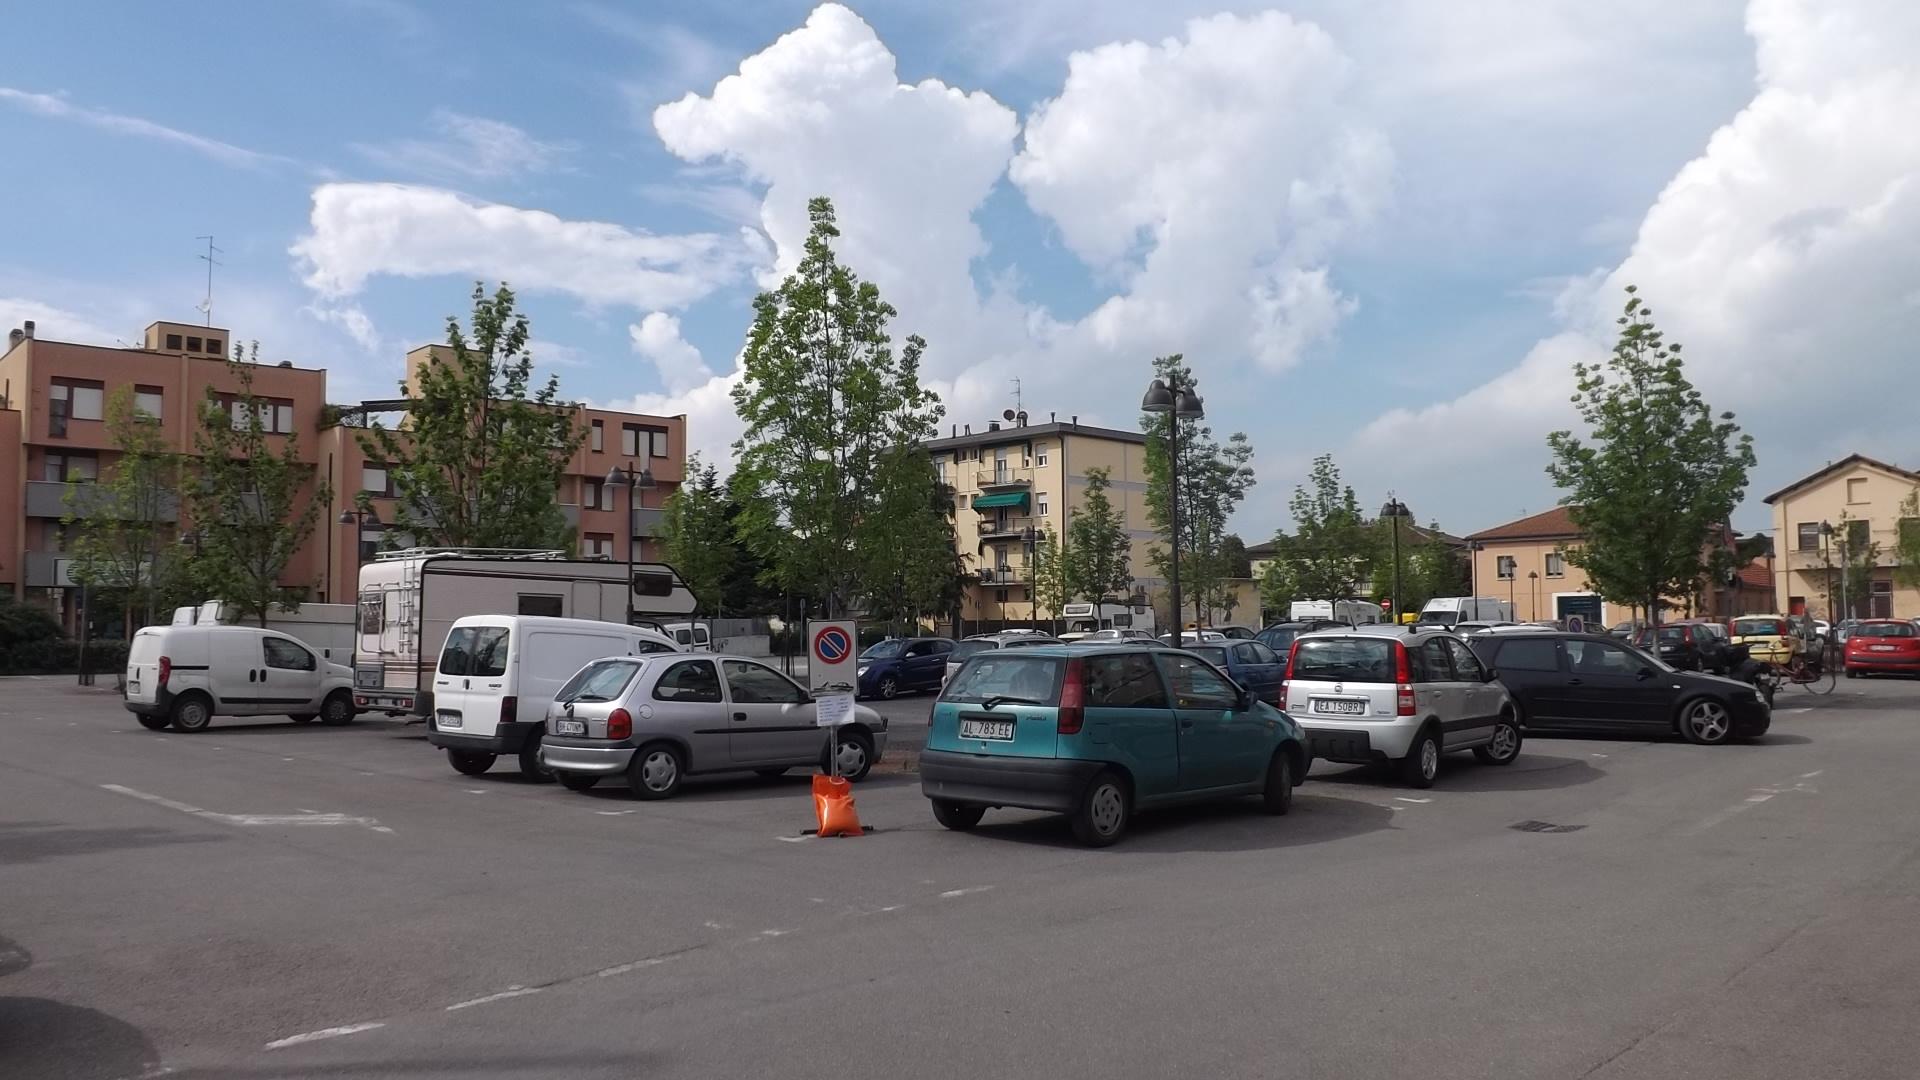 Sosta gratis per un mese a Lugo in attesa dei nuovi parcometri